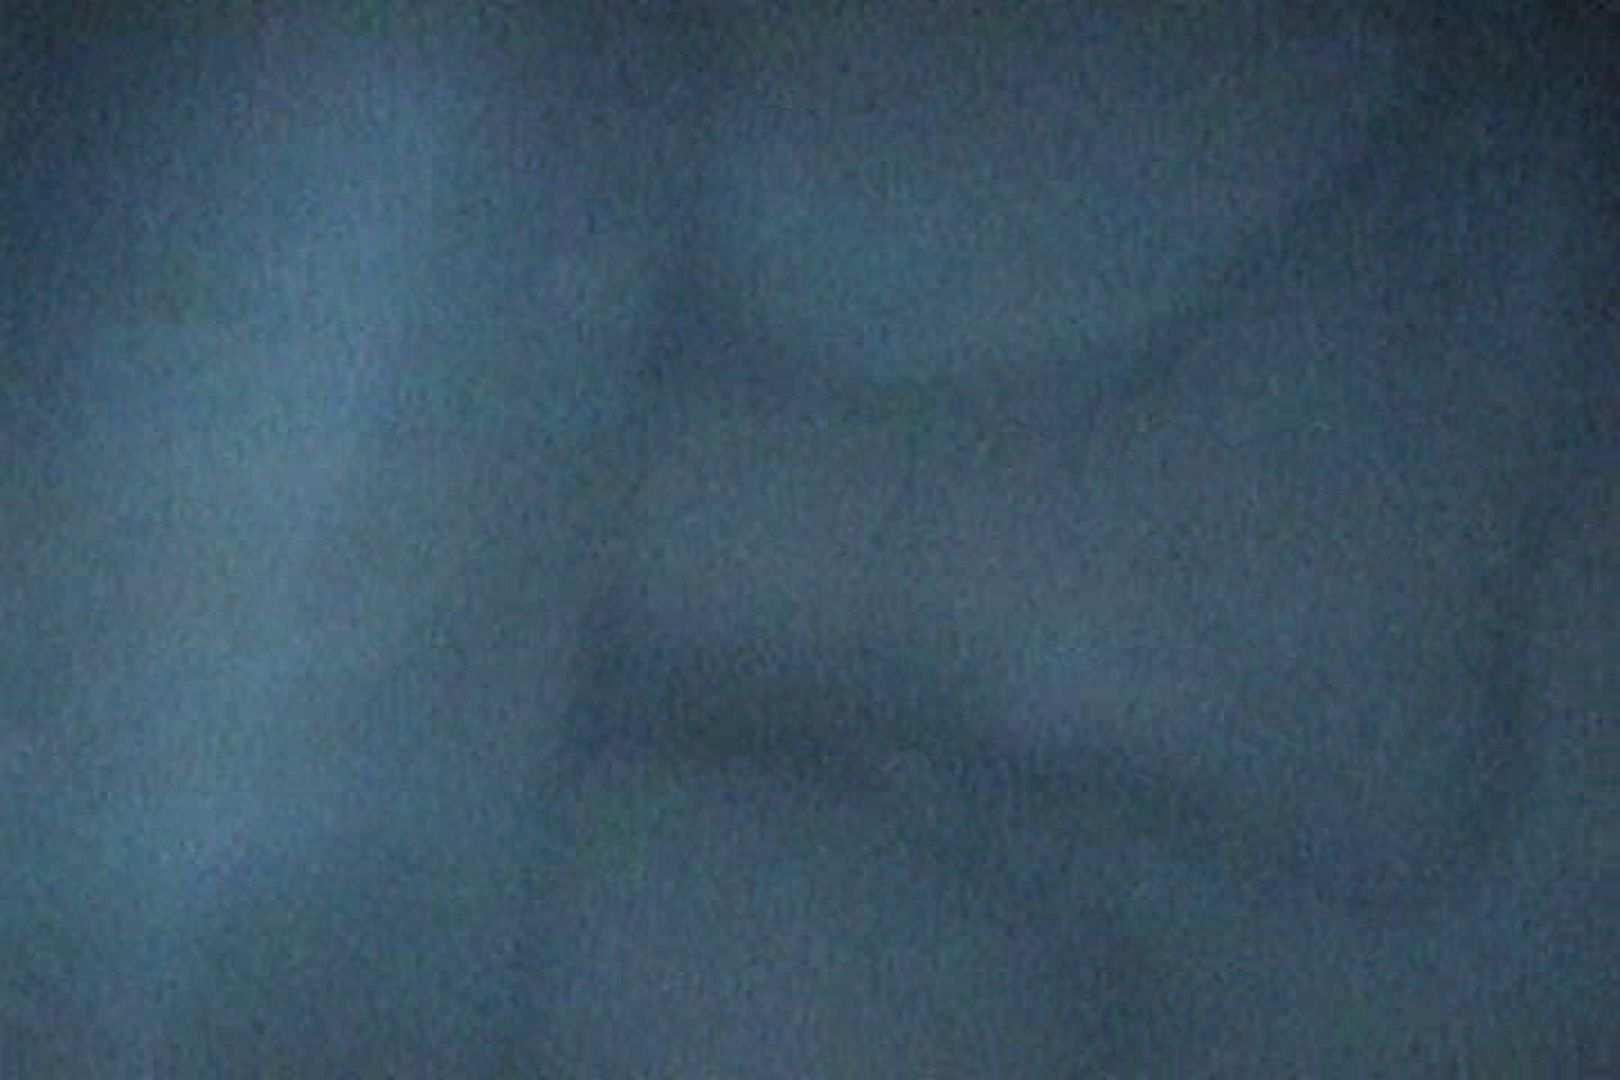 充血監督の深夜の運動会Vol.147 OLセックス  71画像 60